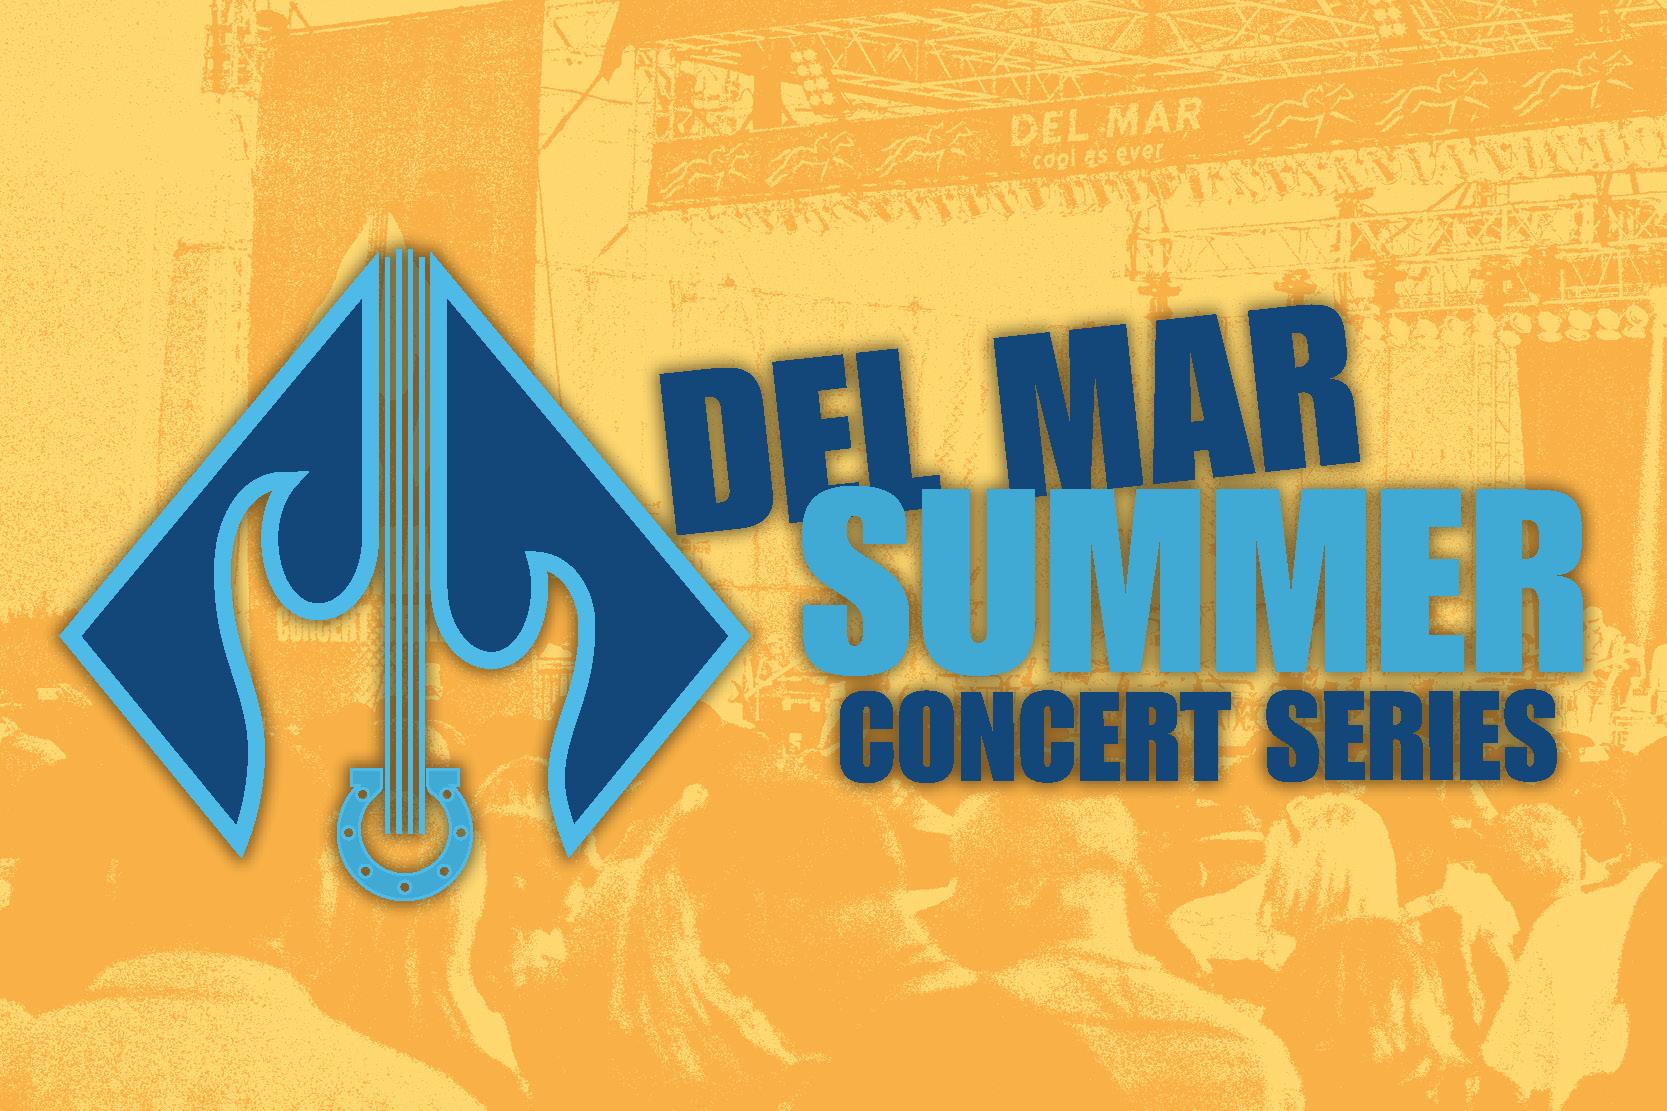 Del Mar Concert Schedule